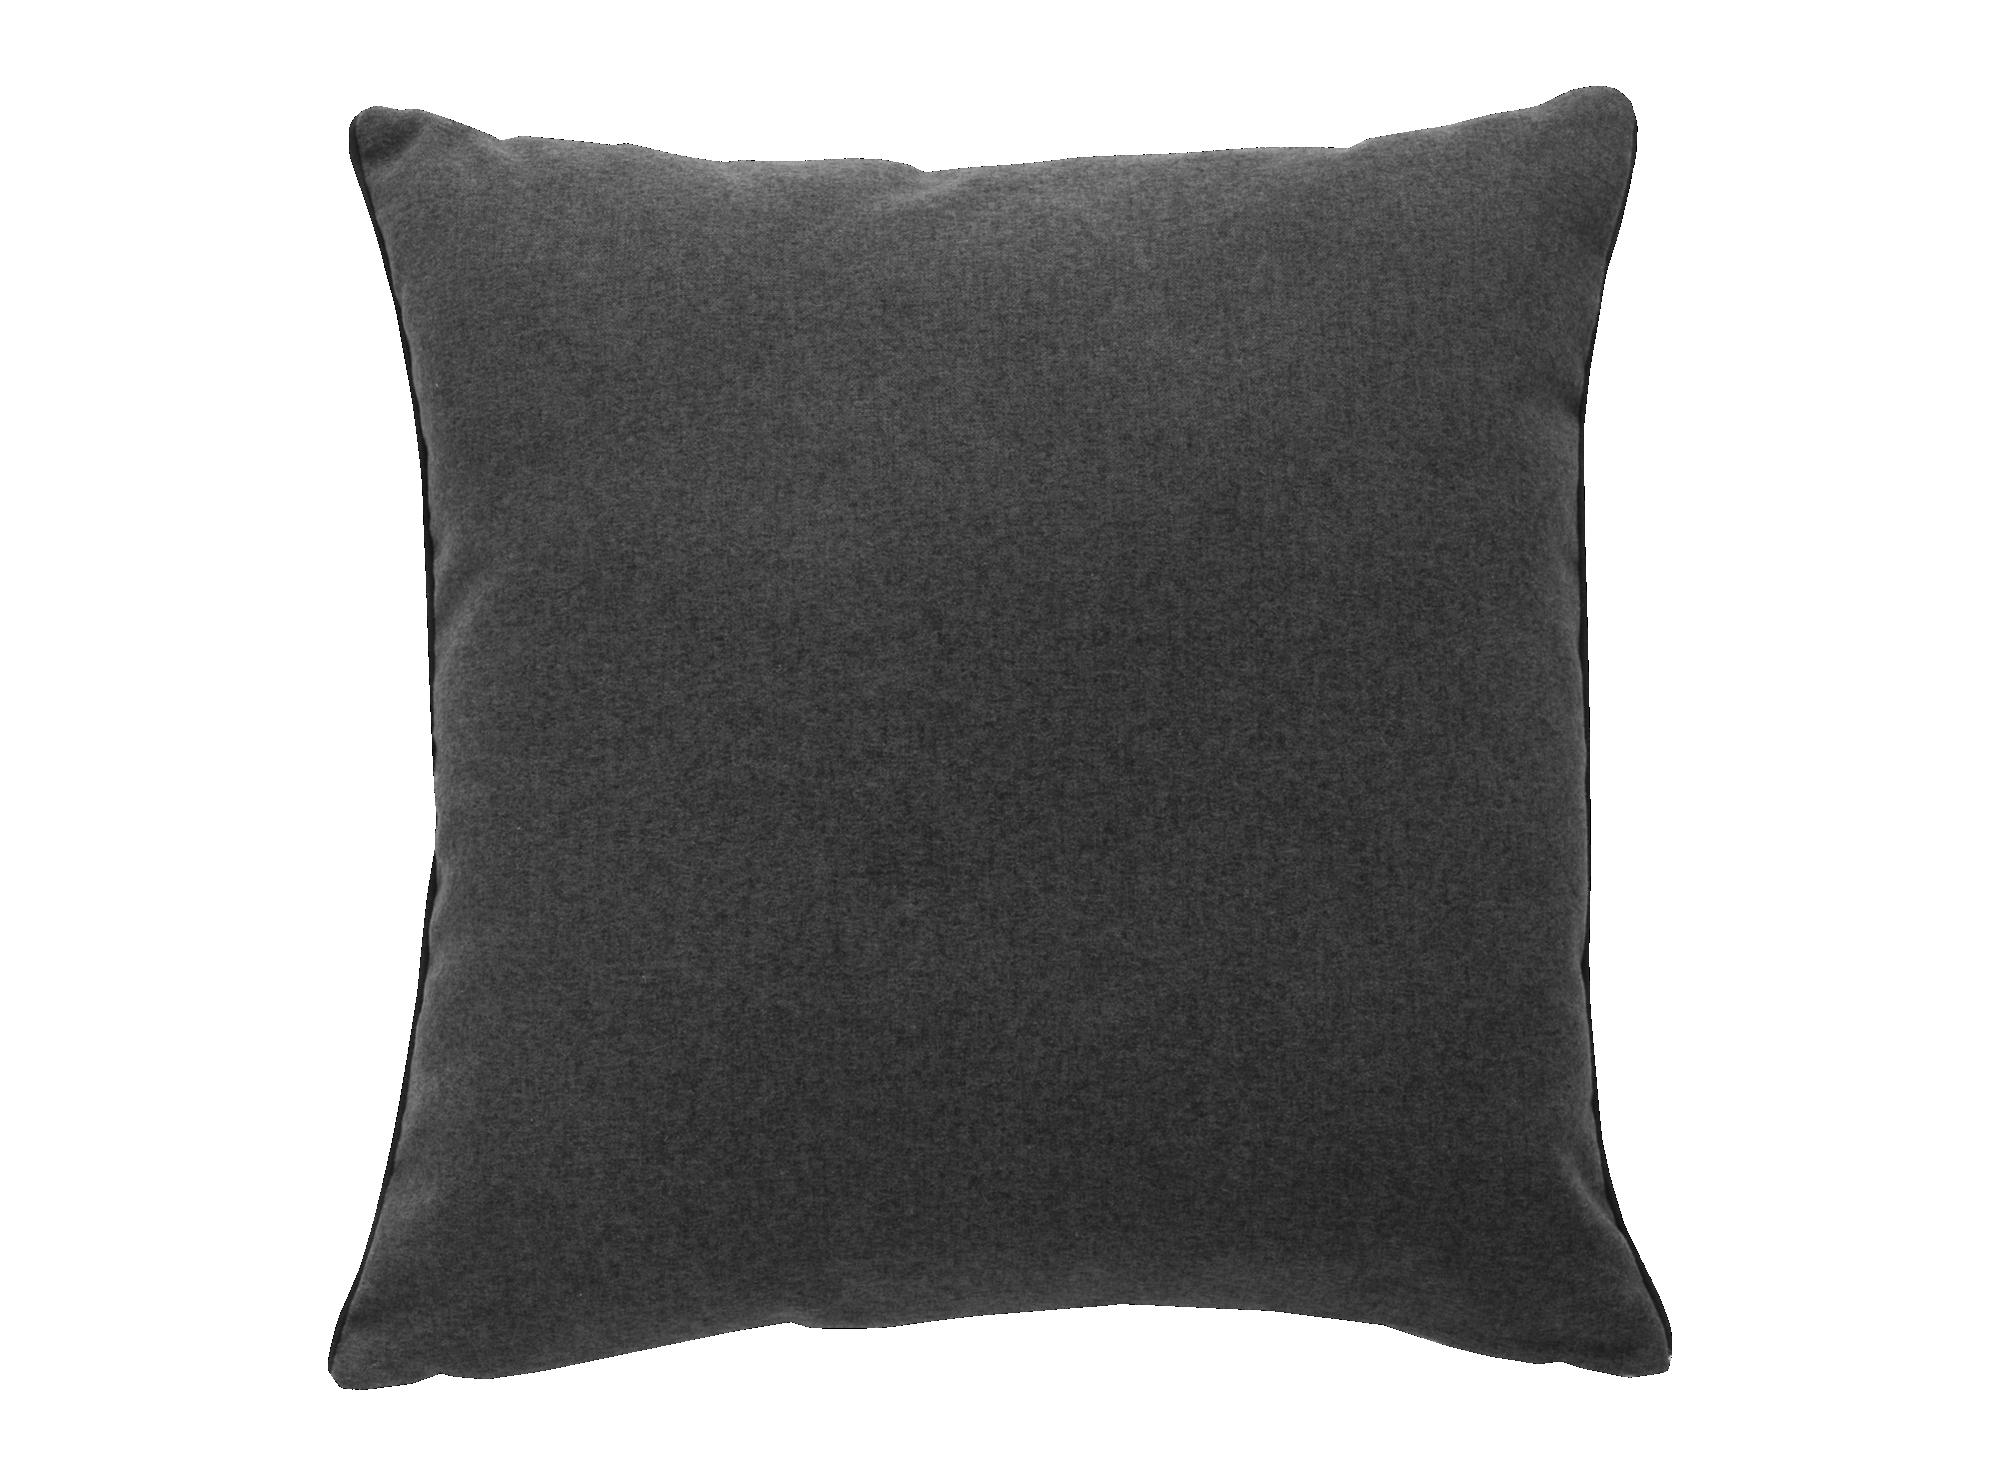 Coussin 45x45 revetu 100% polyester densite 280gr/m. coloris gris/ant ...